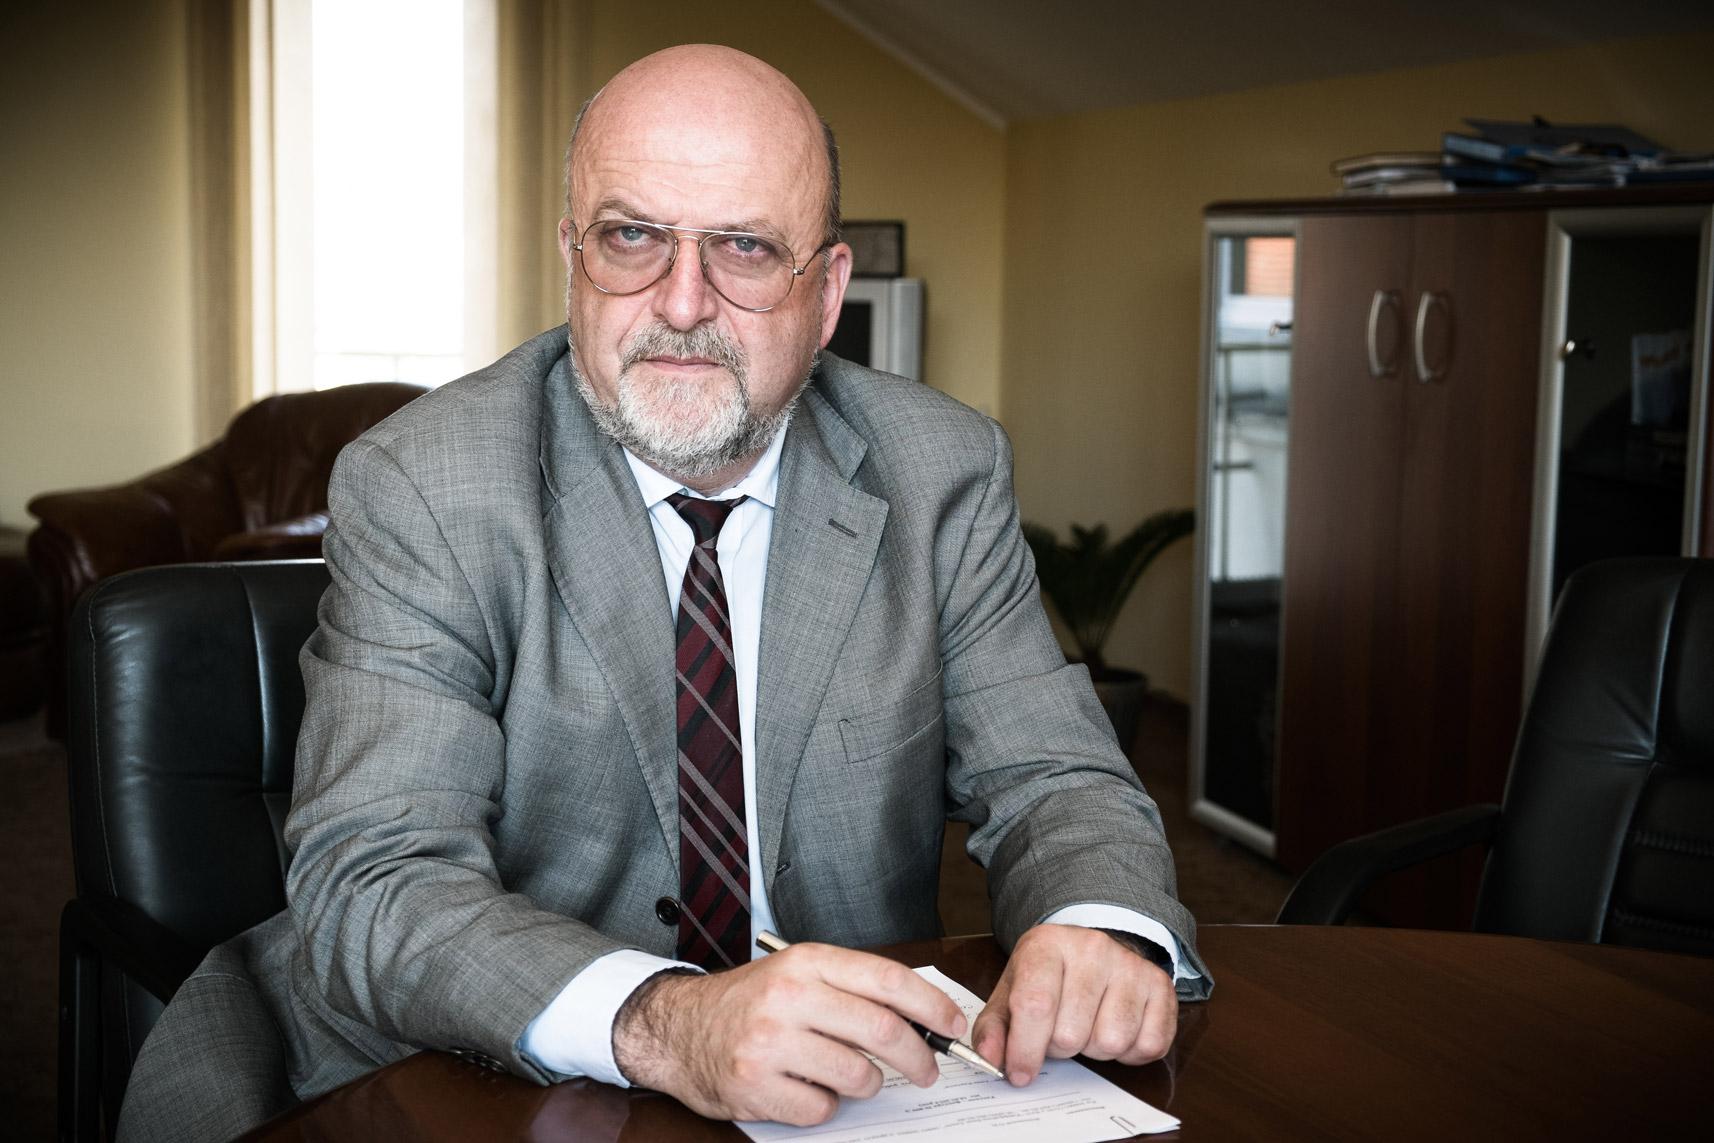 Андрій Сугай: «БЕРКУТУ» – 30.  І ВСЕ ТІЛЬКИ ПОЧИНАЄТЬСЯ»